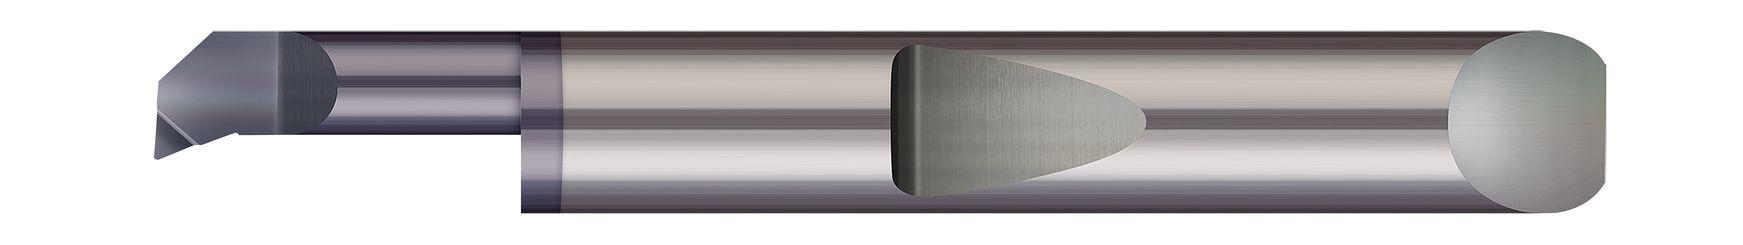 tool-details-QBT-2001500X